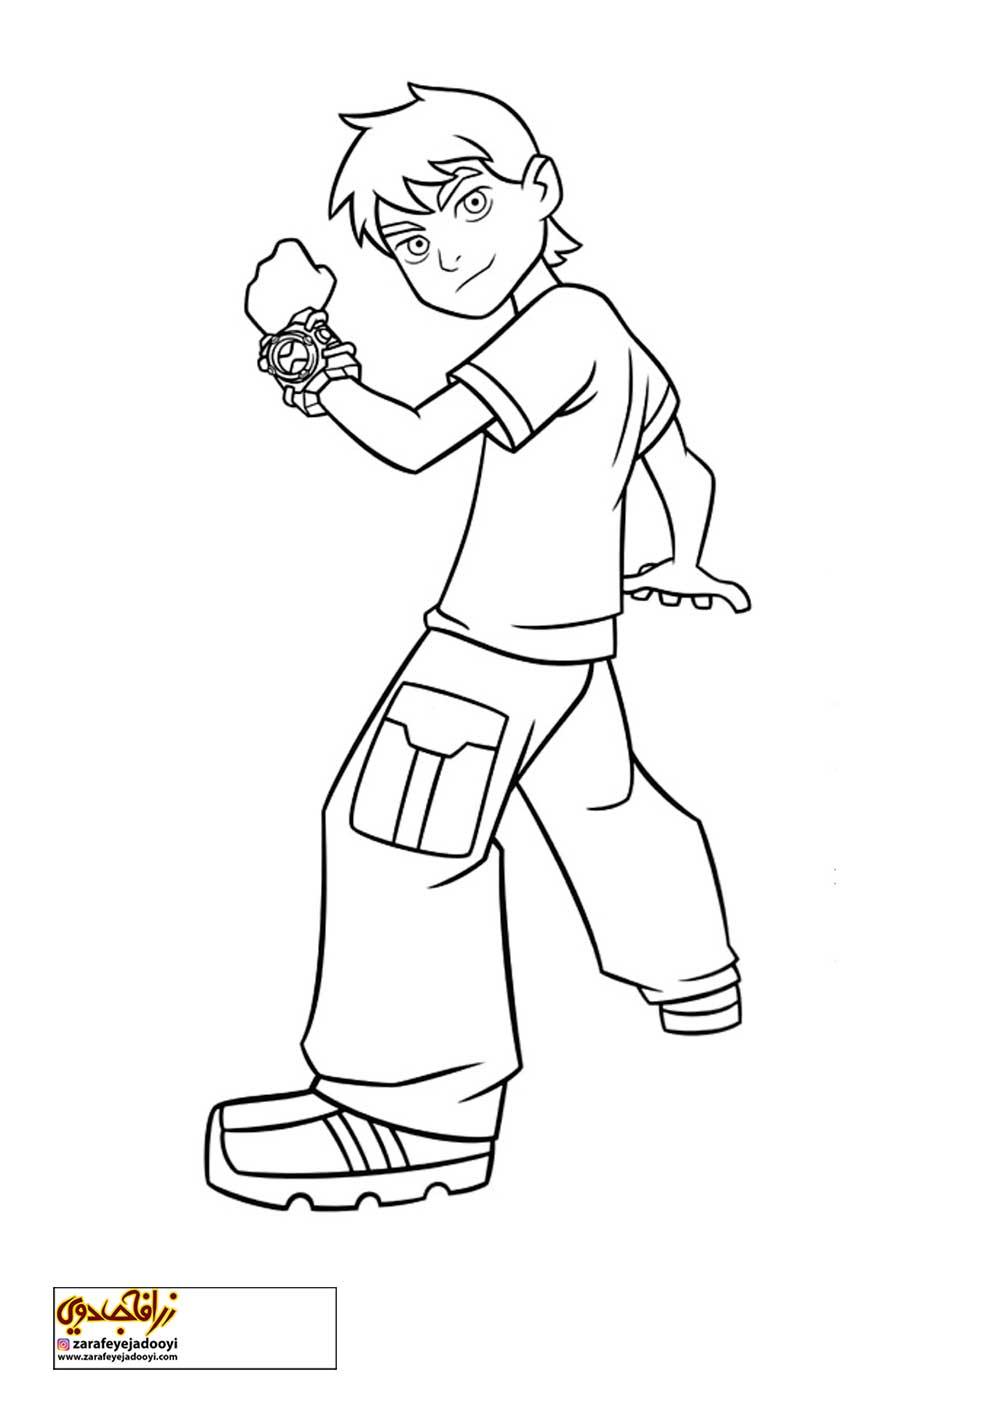 زرافه-جادویی-نقاشی-کارتون-بن-تن-13